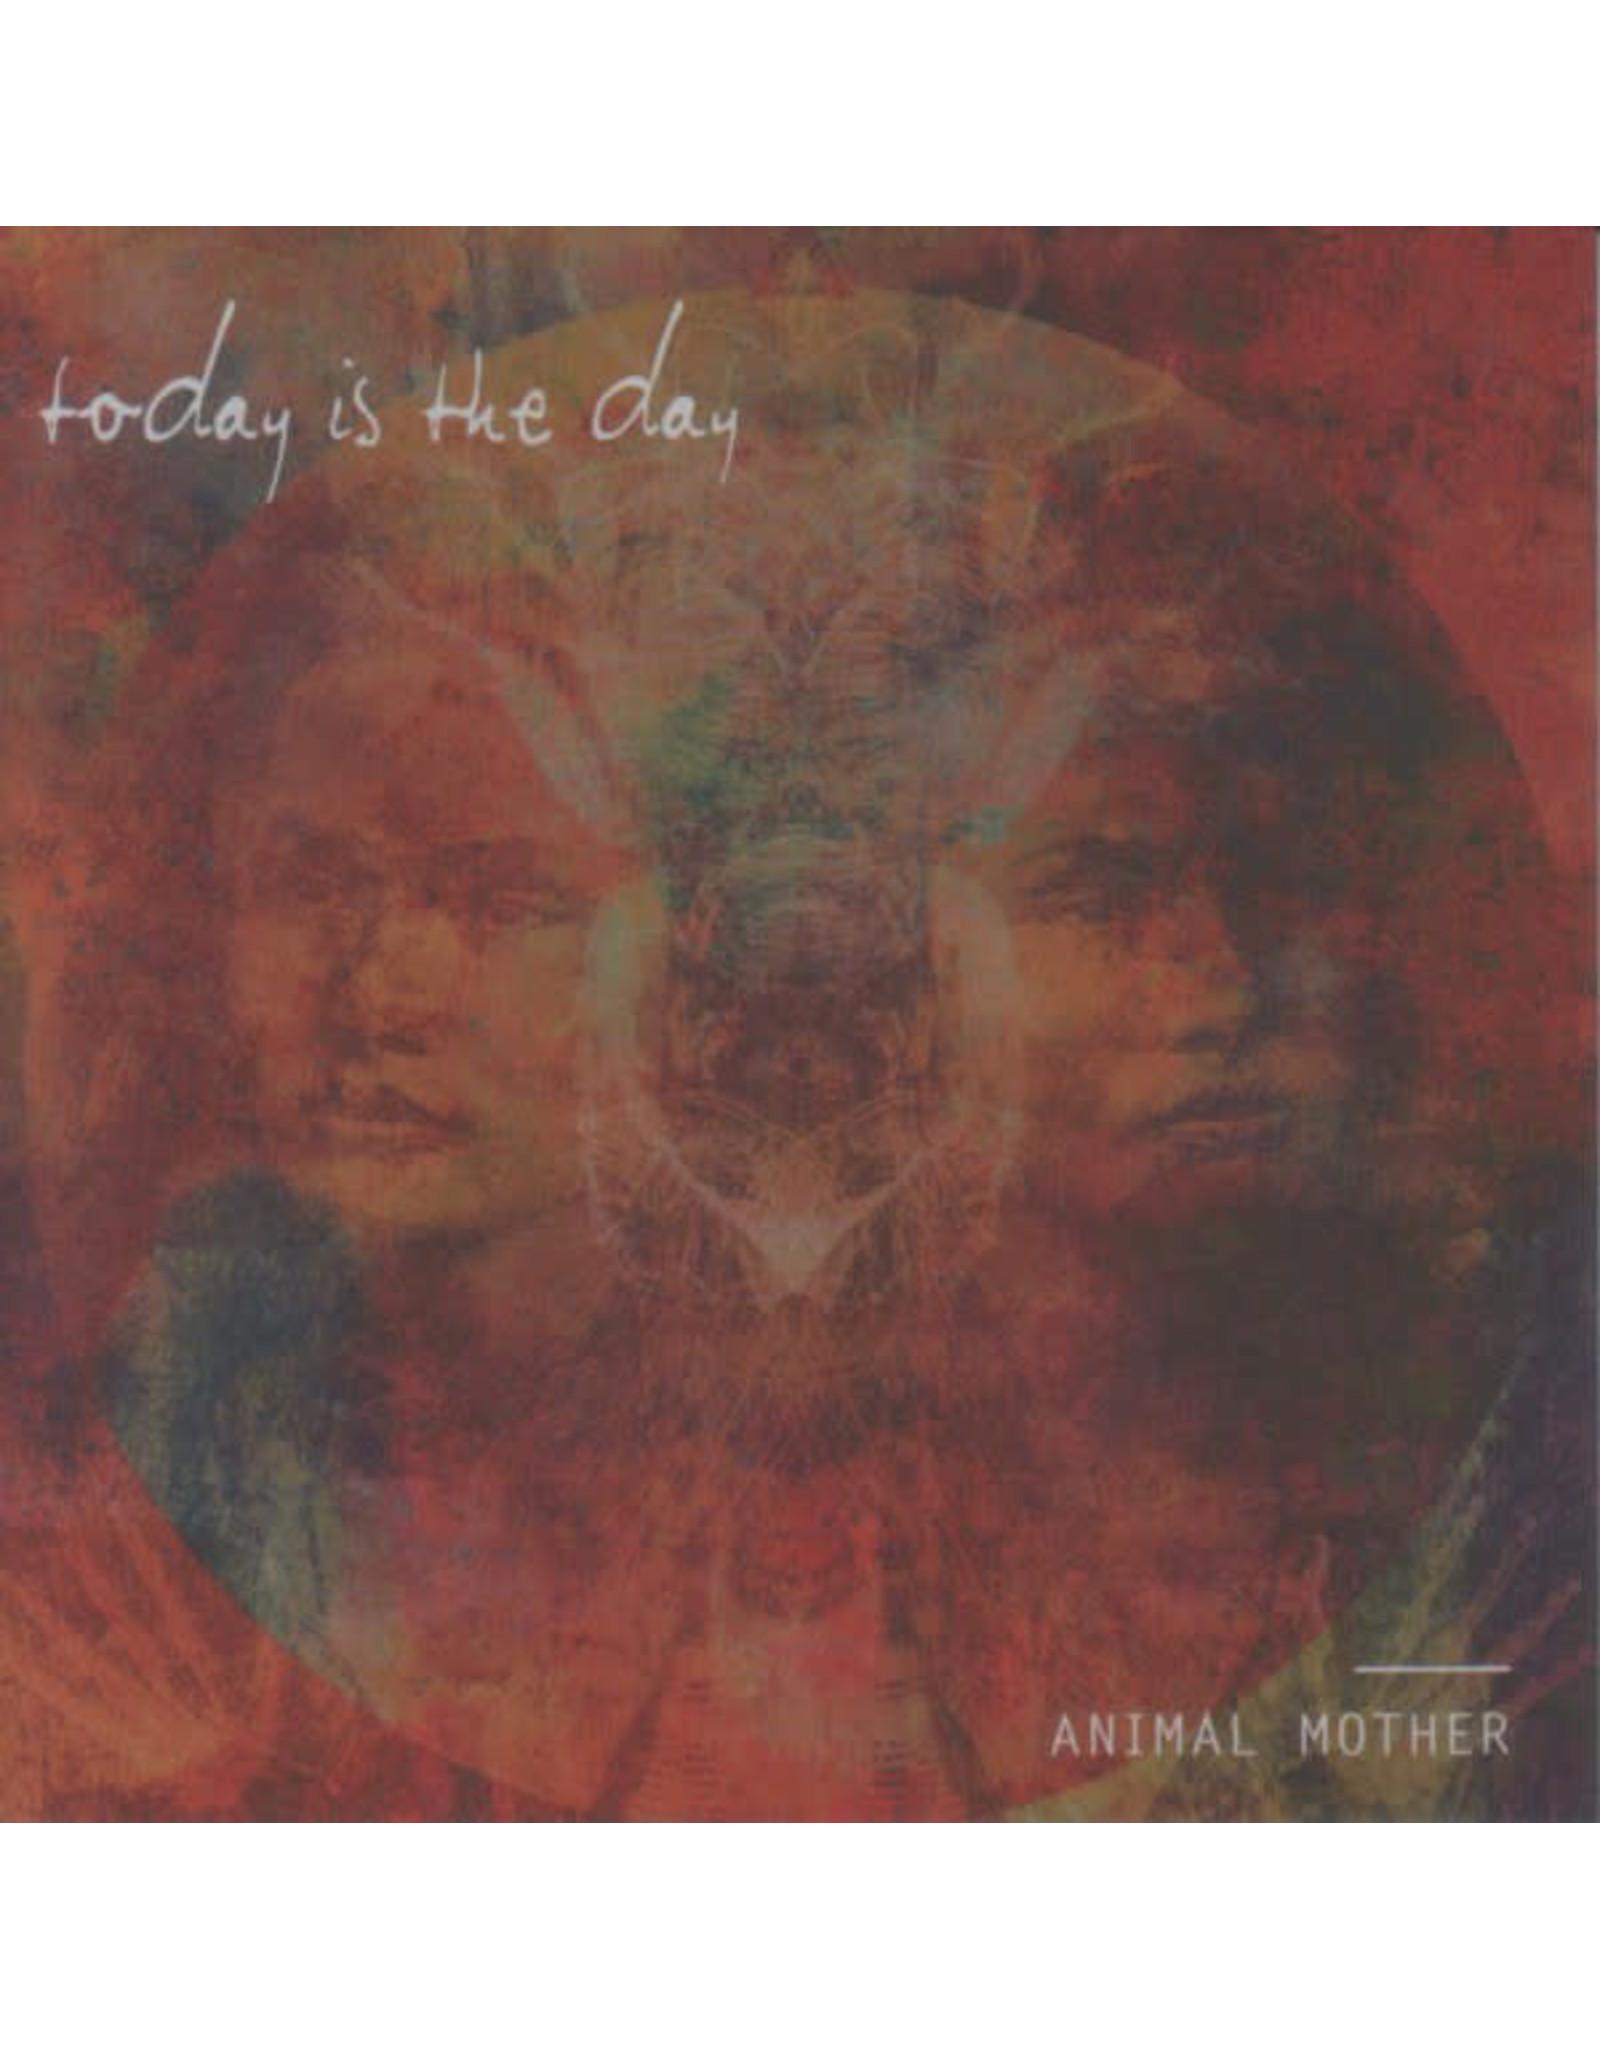 Animal Mother - Animal Mother CD